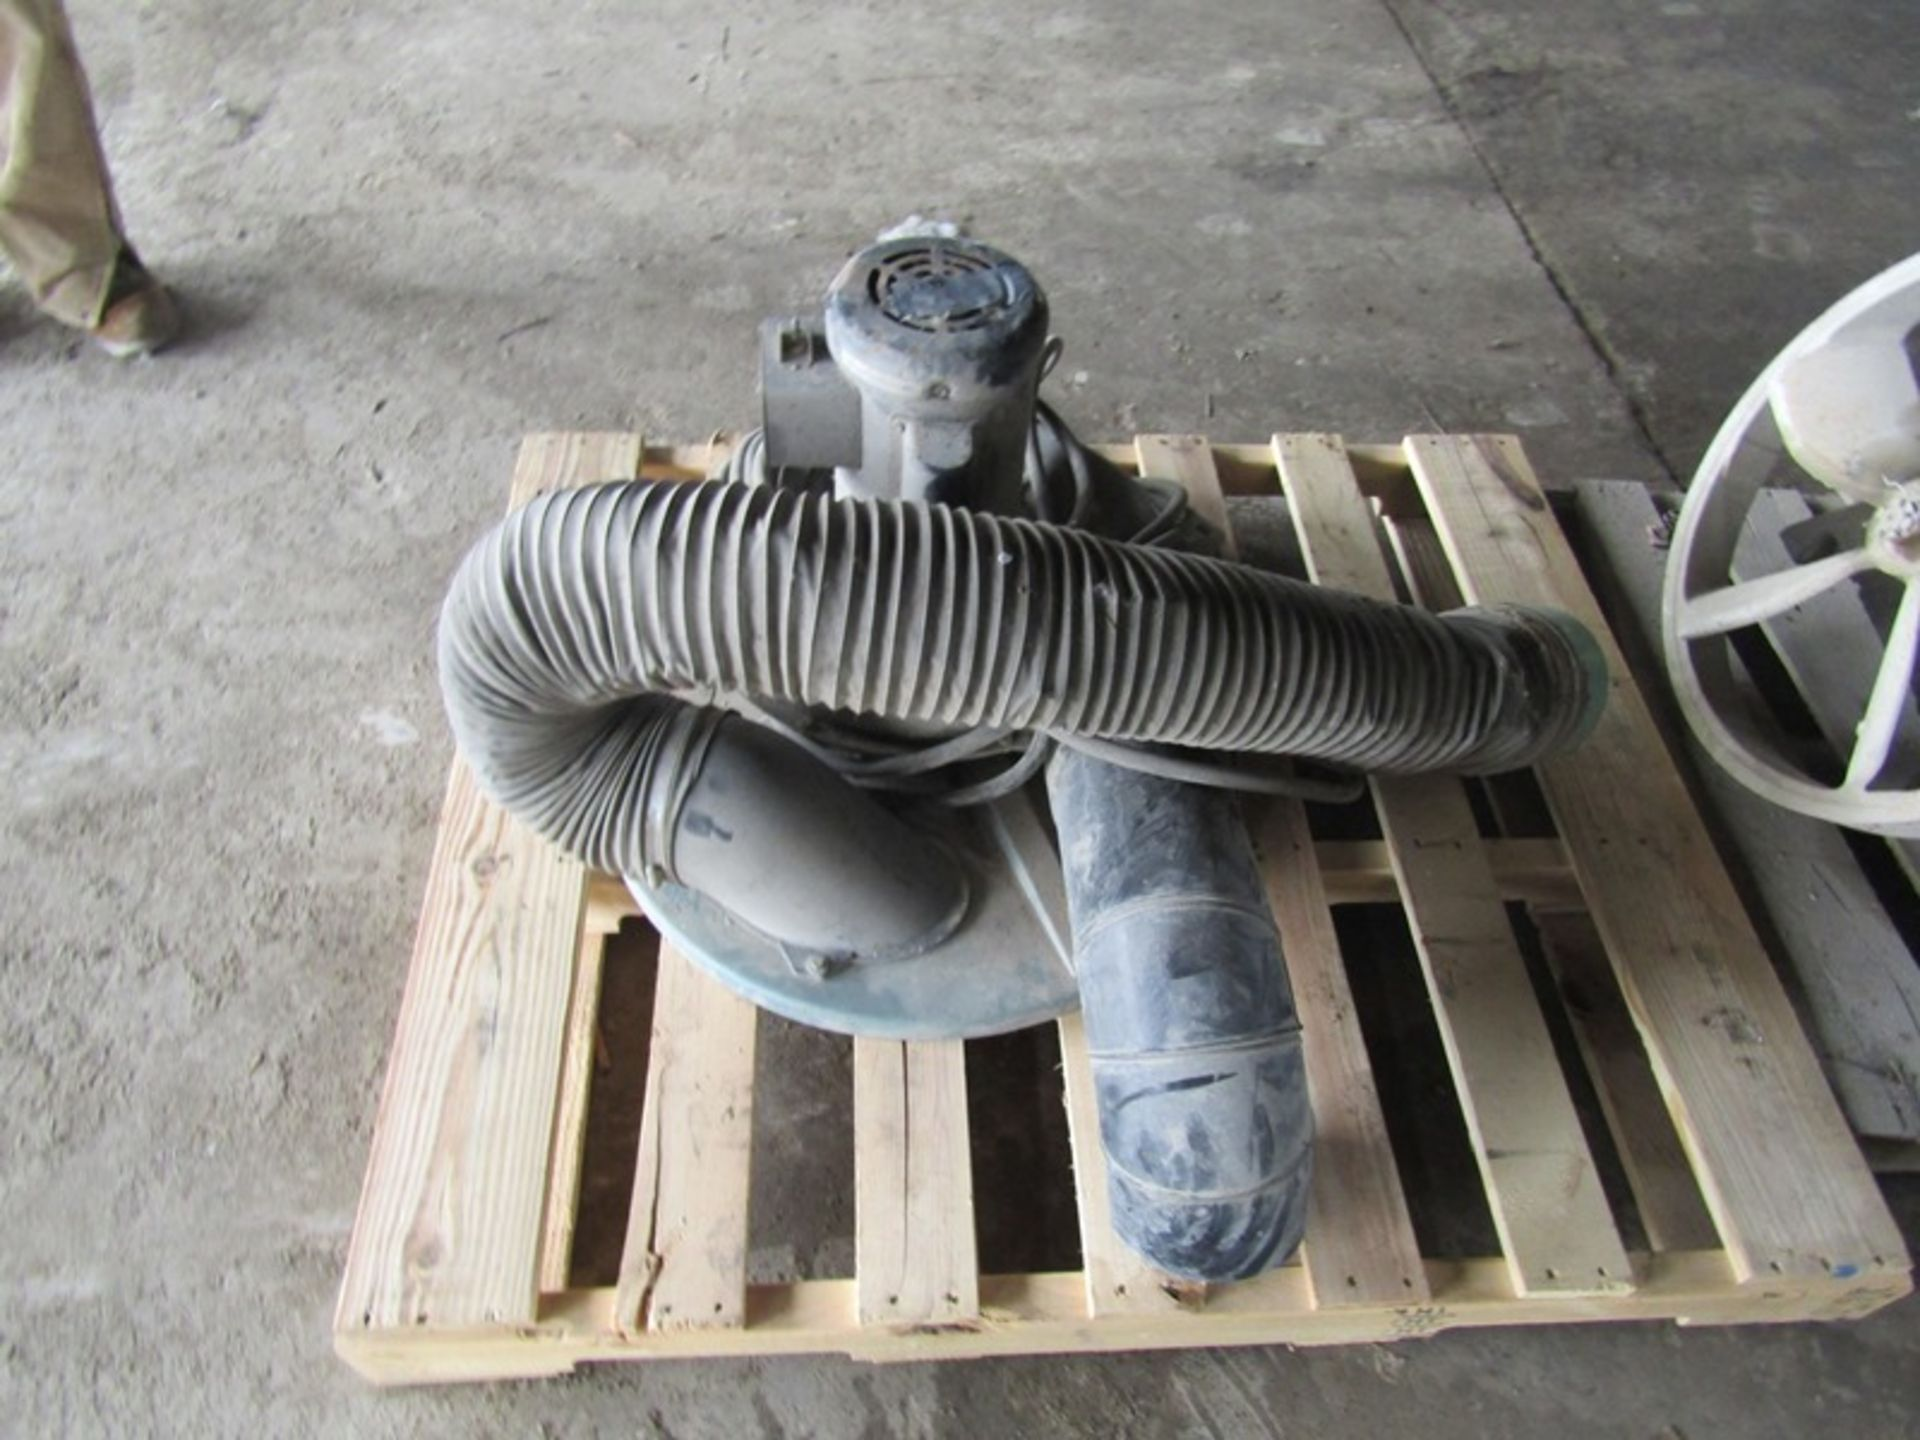 Lot 52 - Compressor & 55 Gallon Drum Vac